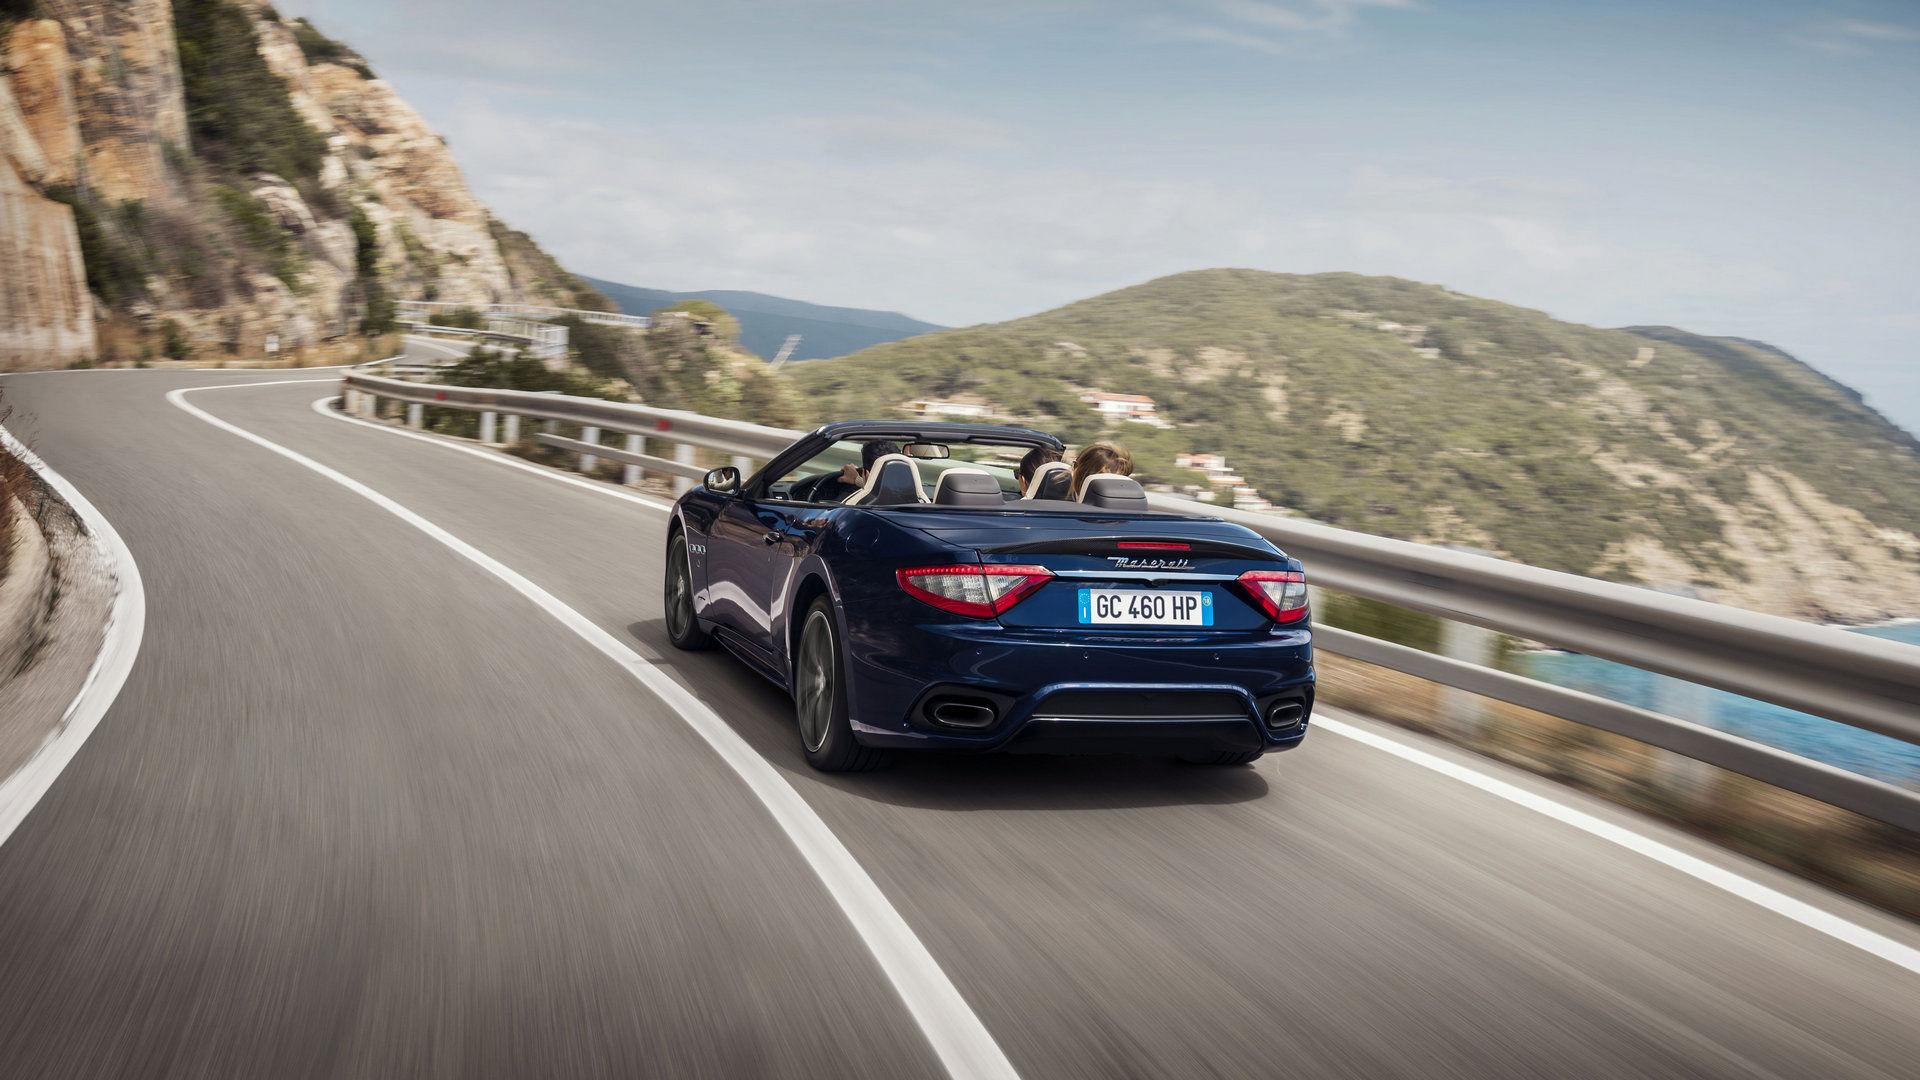 Maserati GranCabrio - Fahrender Maserati GranCabrio